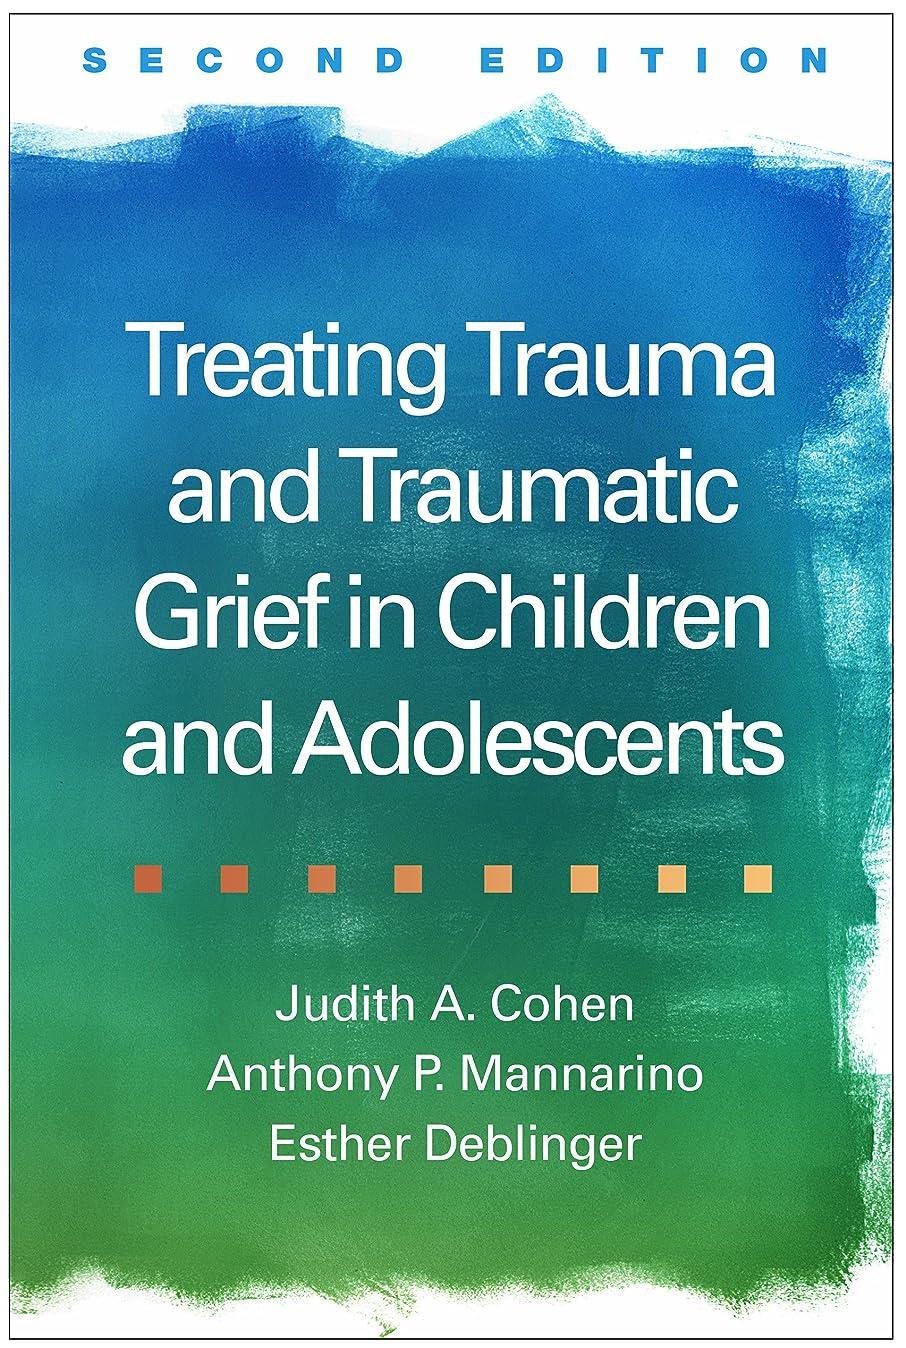 接続された資金道徳Treating Trauma and Traumatic Grief in Children and Adolescents, Second Edition (English Edition)